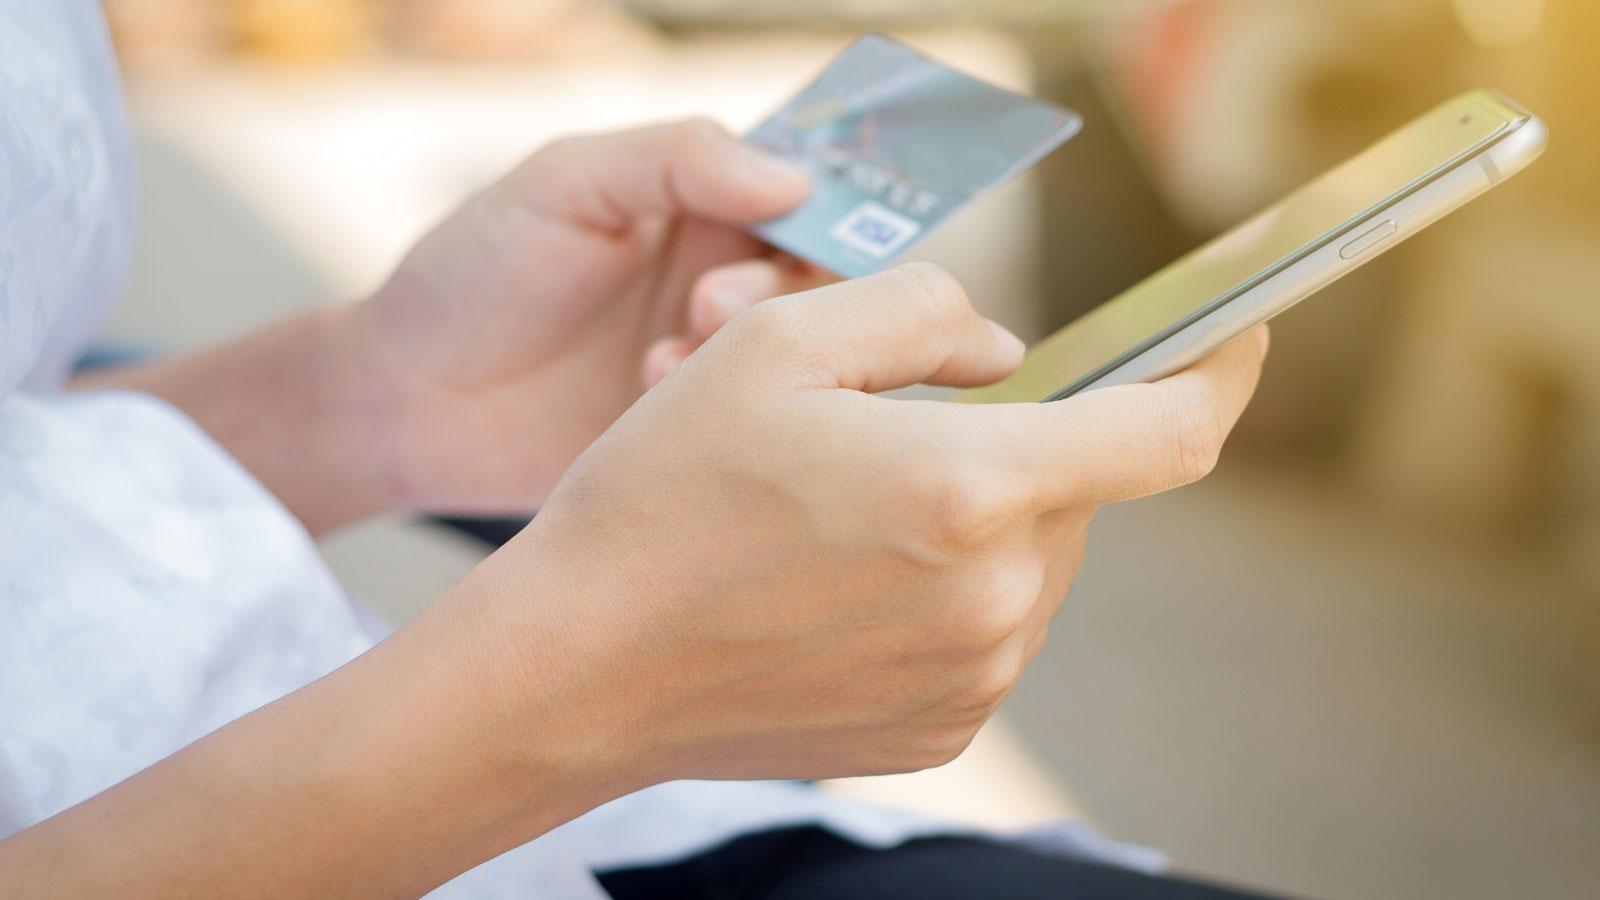 Kommt Apple Pay bald in Deutschland?